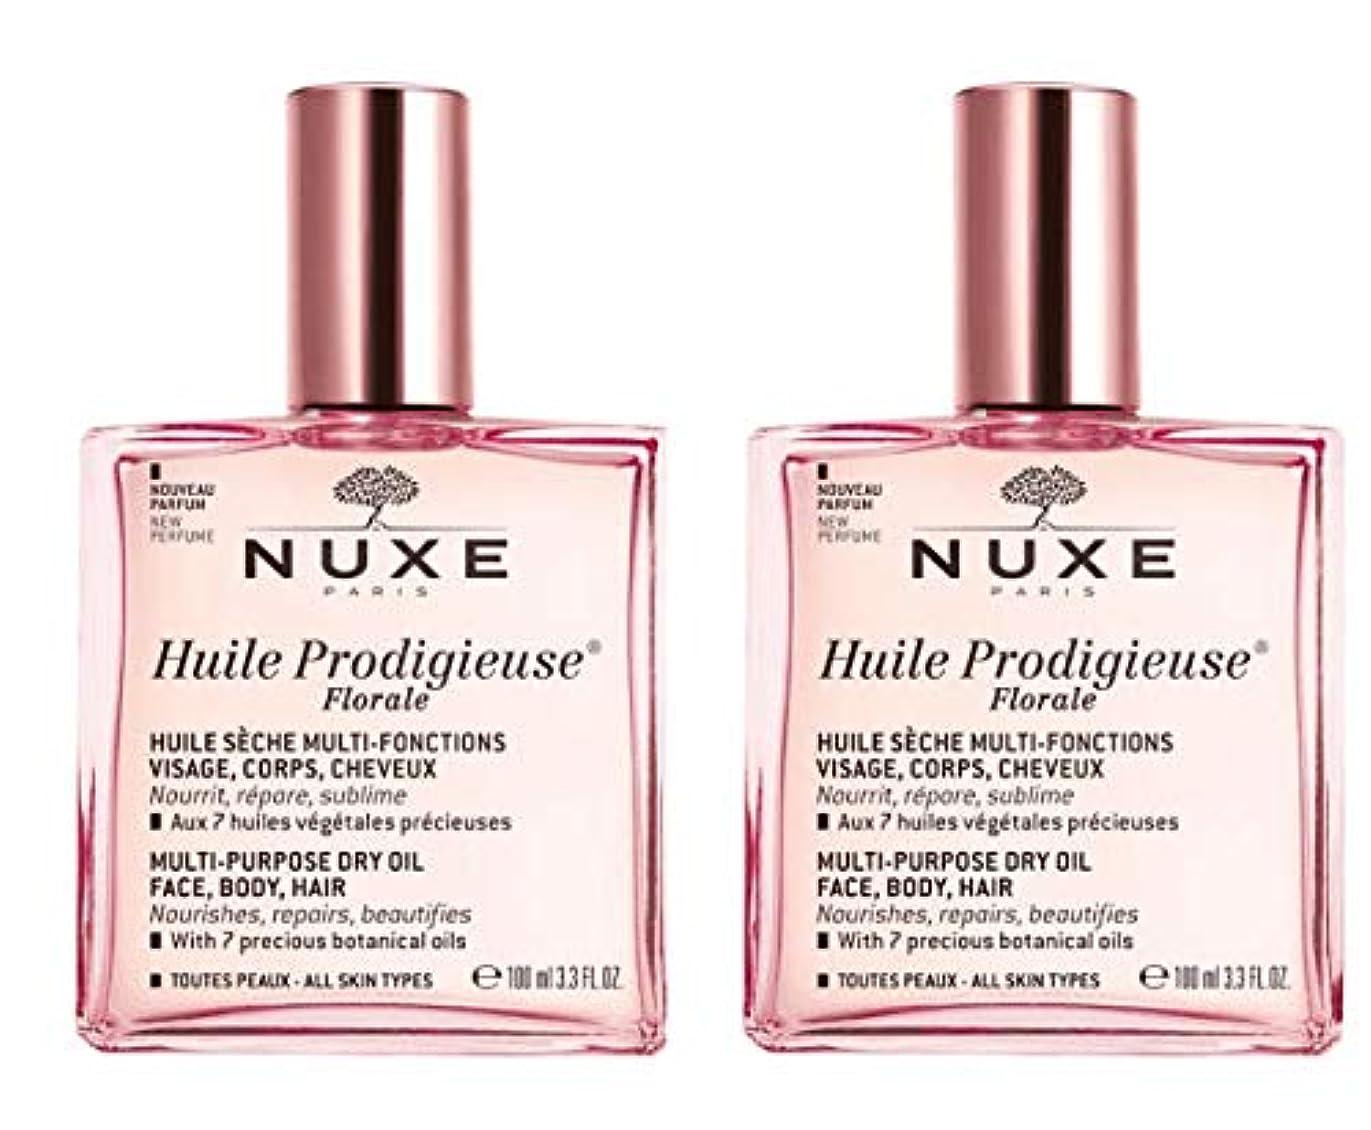 スキップ神学校ましいニュクス NUXE プロディジュー フローラルオイル 100ml 2本セット 花の香りと共に新発売 海外直送品